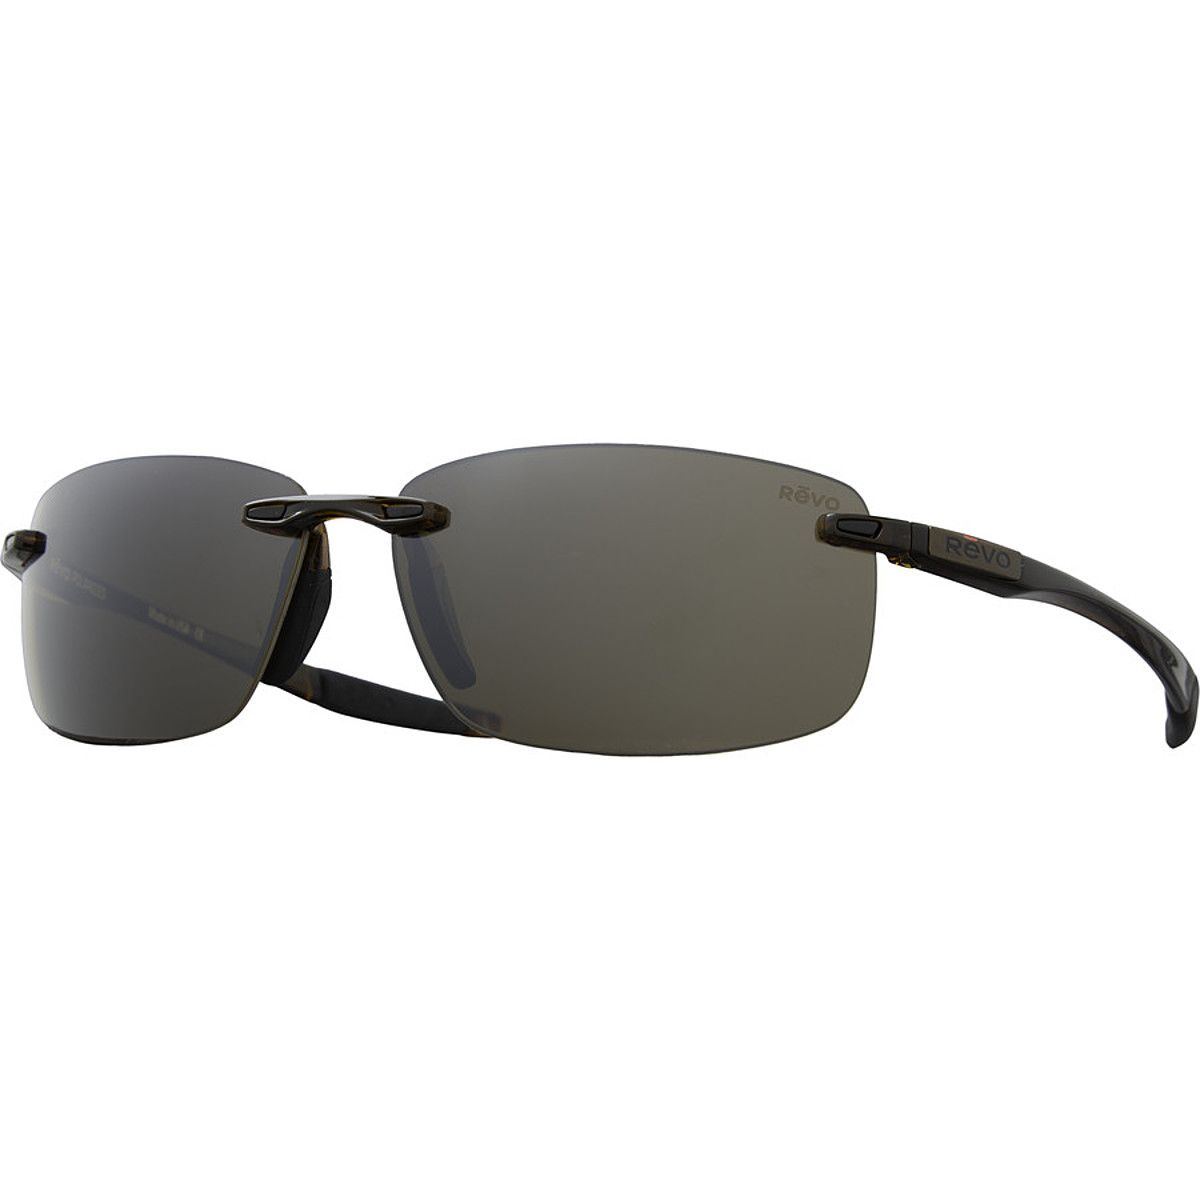 Polarized Sunglasses Descend